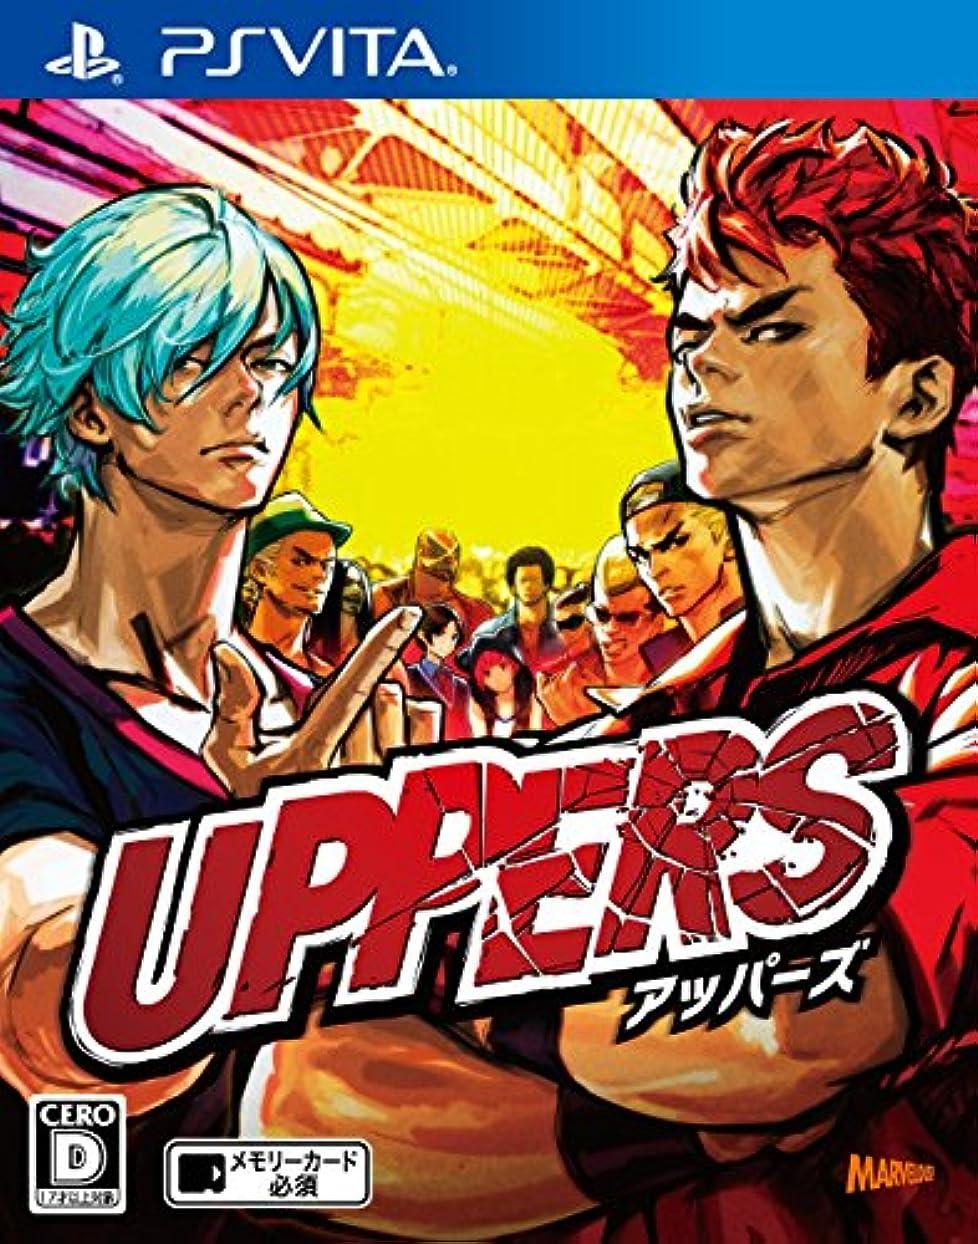 雲プロテスタント指UPPERS(アッパーズ) - PS Vita